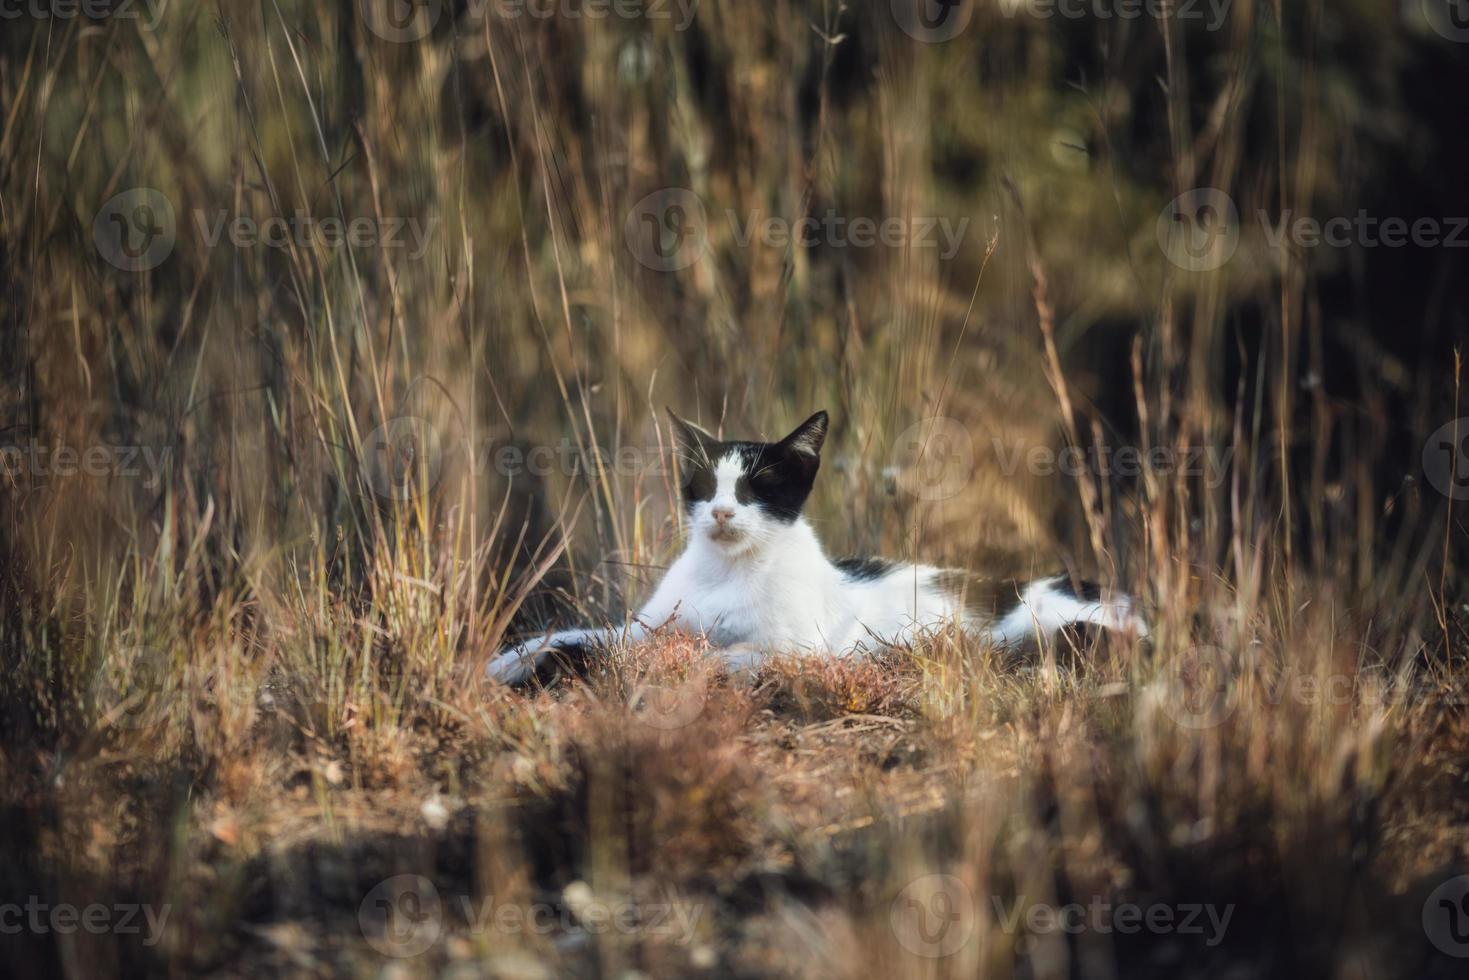 huiskat, zwart-witte kat die op de weide ligt, hij dommelt in en luistert naar zijn omgeving. foto